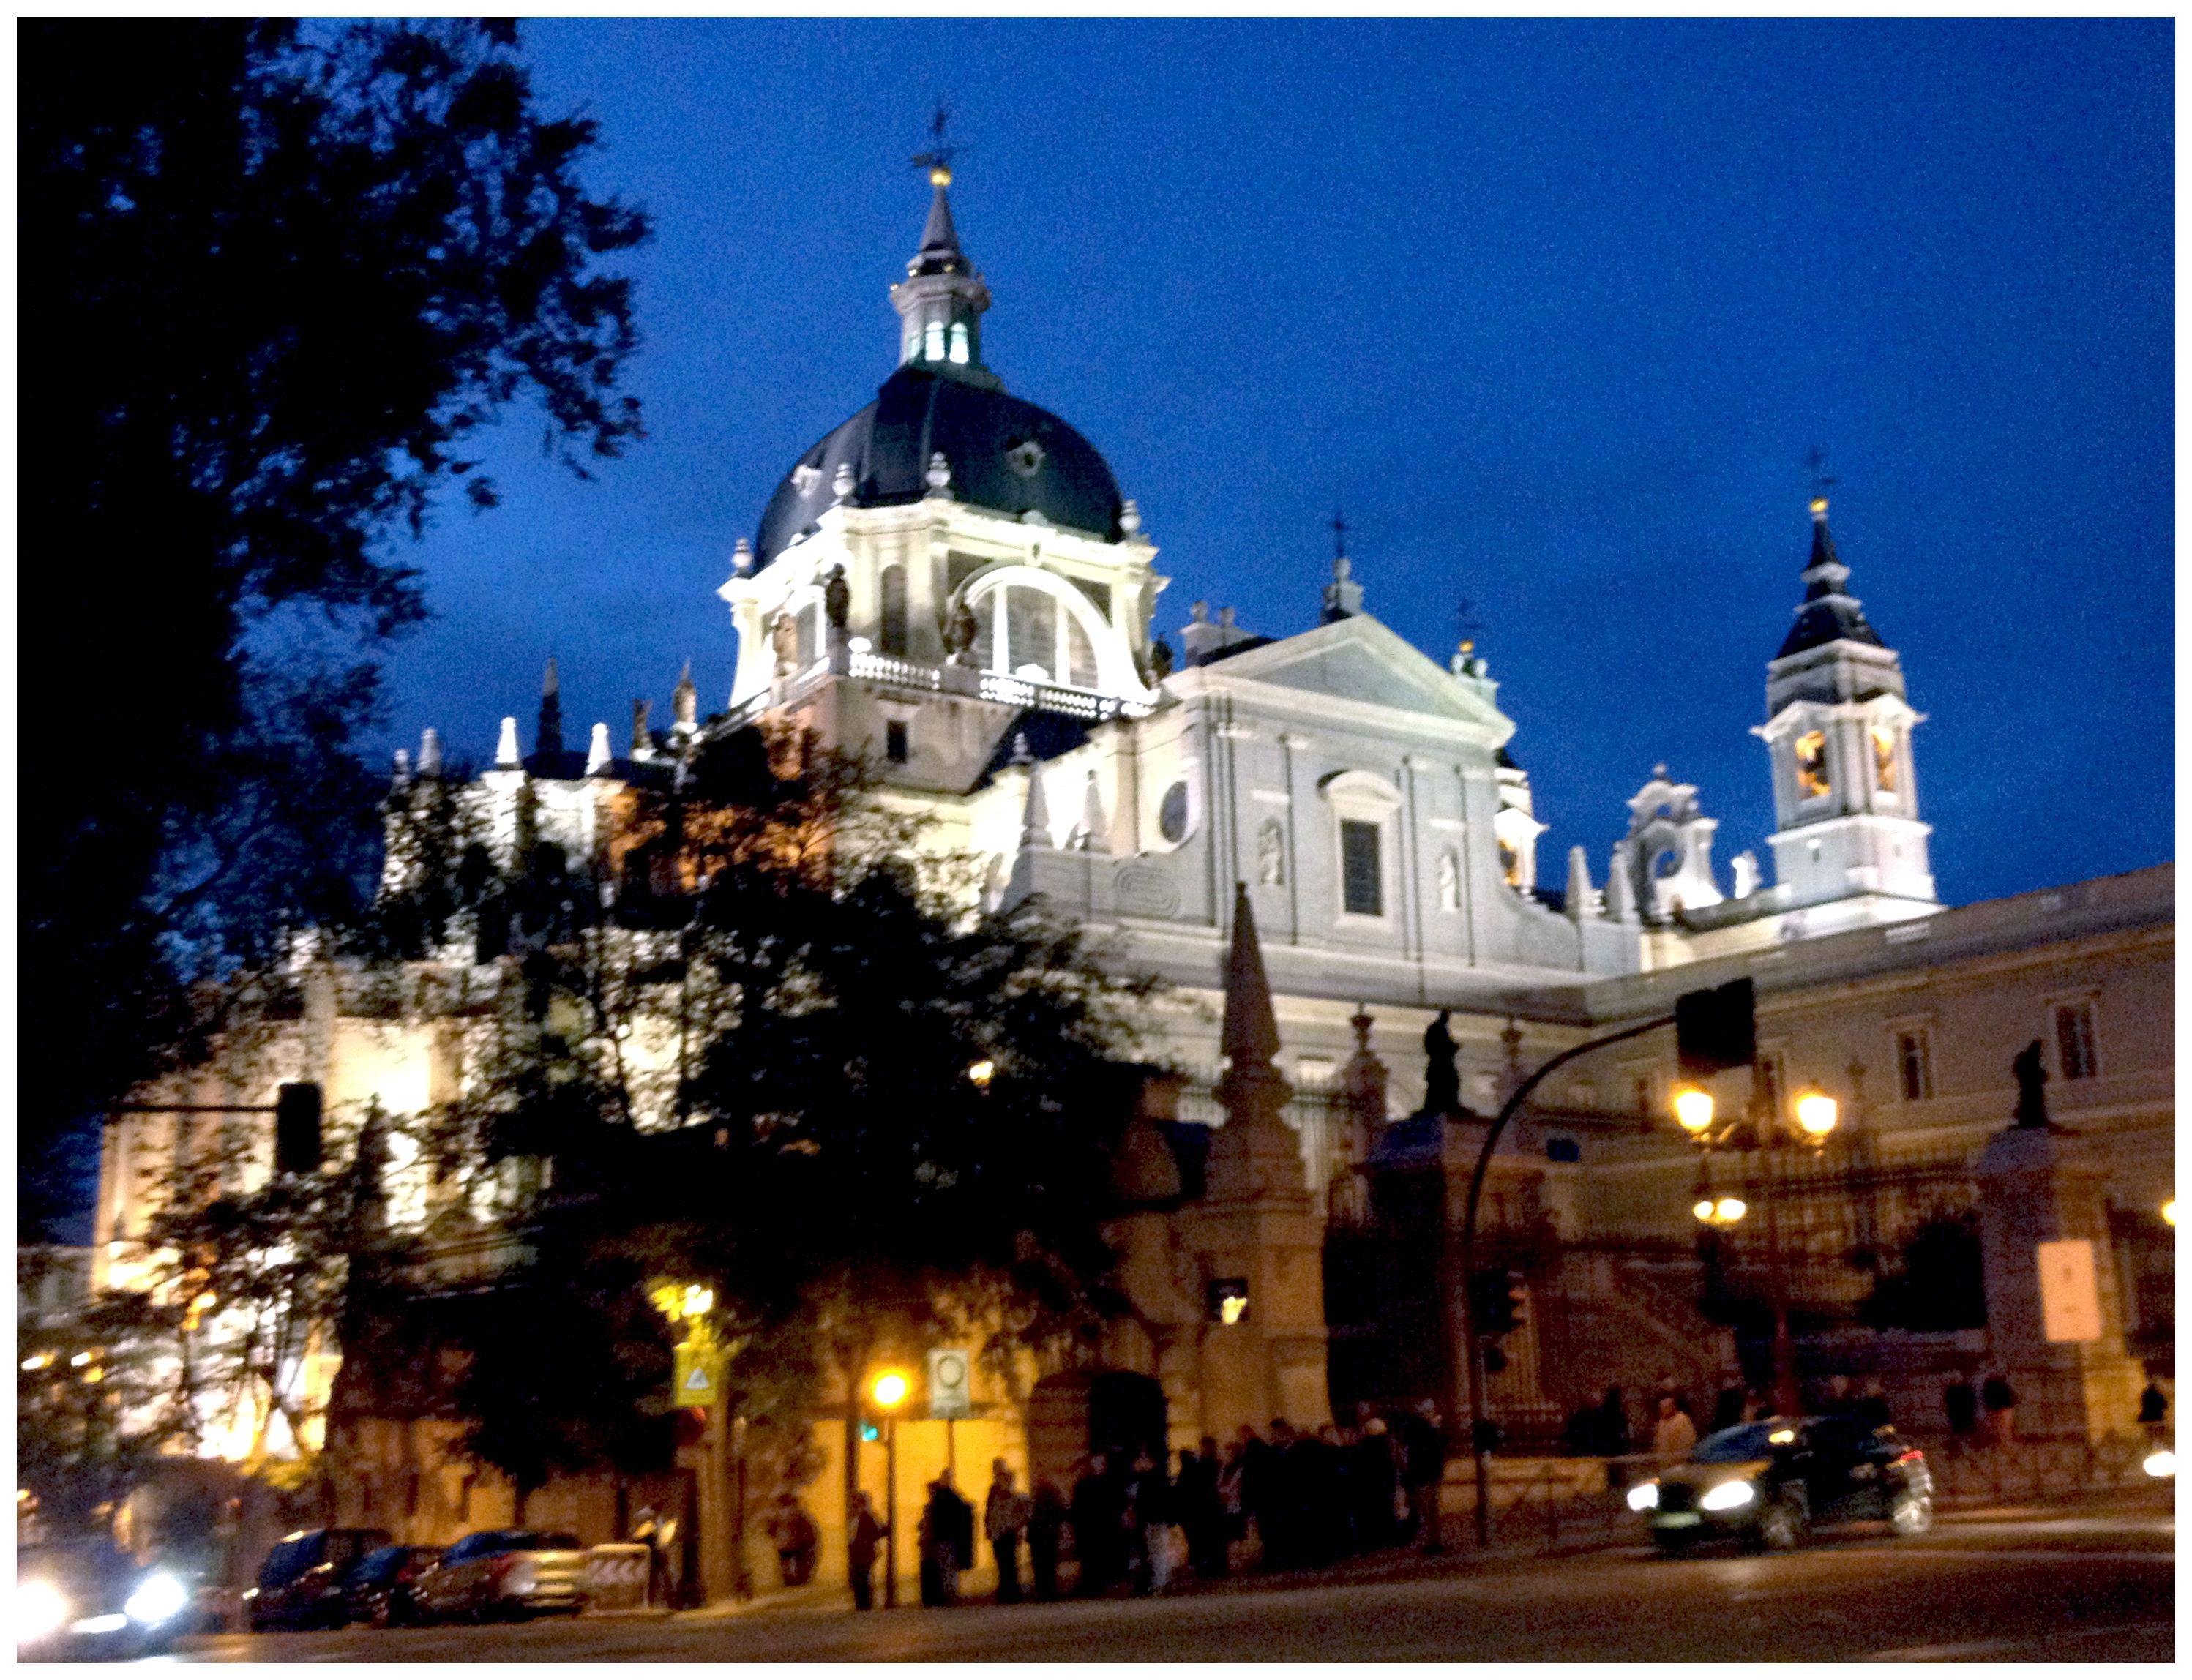 Vista Santa Iglesia Catedral De La Almudena Calle Bailén 10 Iglesia Catedral Santa Iglesia Catedral